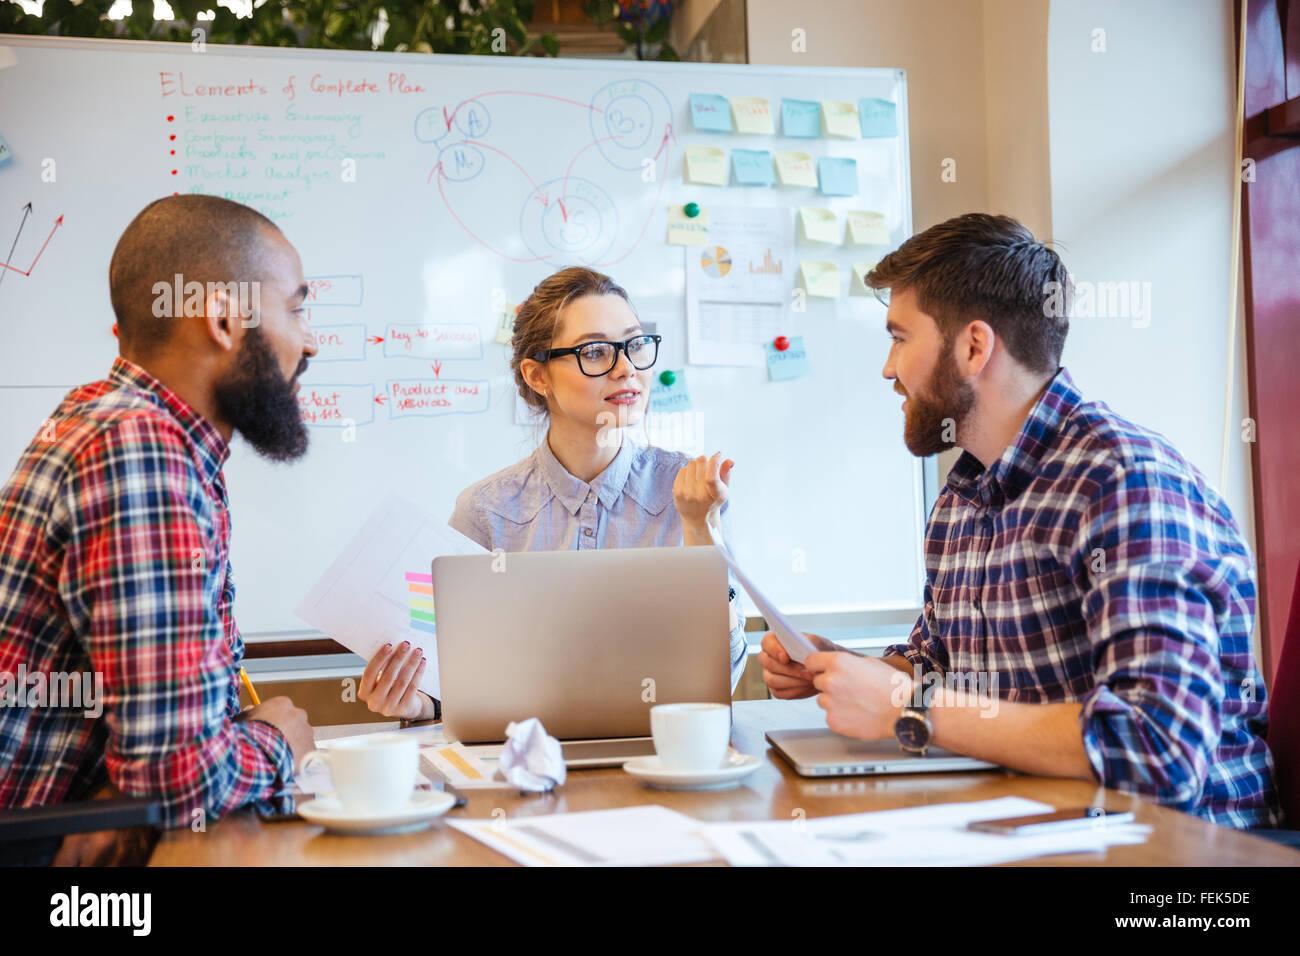 Gruppe von schweren Jugendlichen auf Geschäftstreffen zusammen arbeiten Stockbild